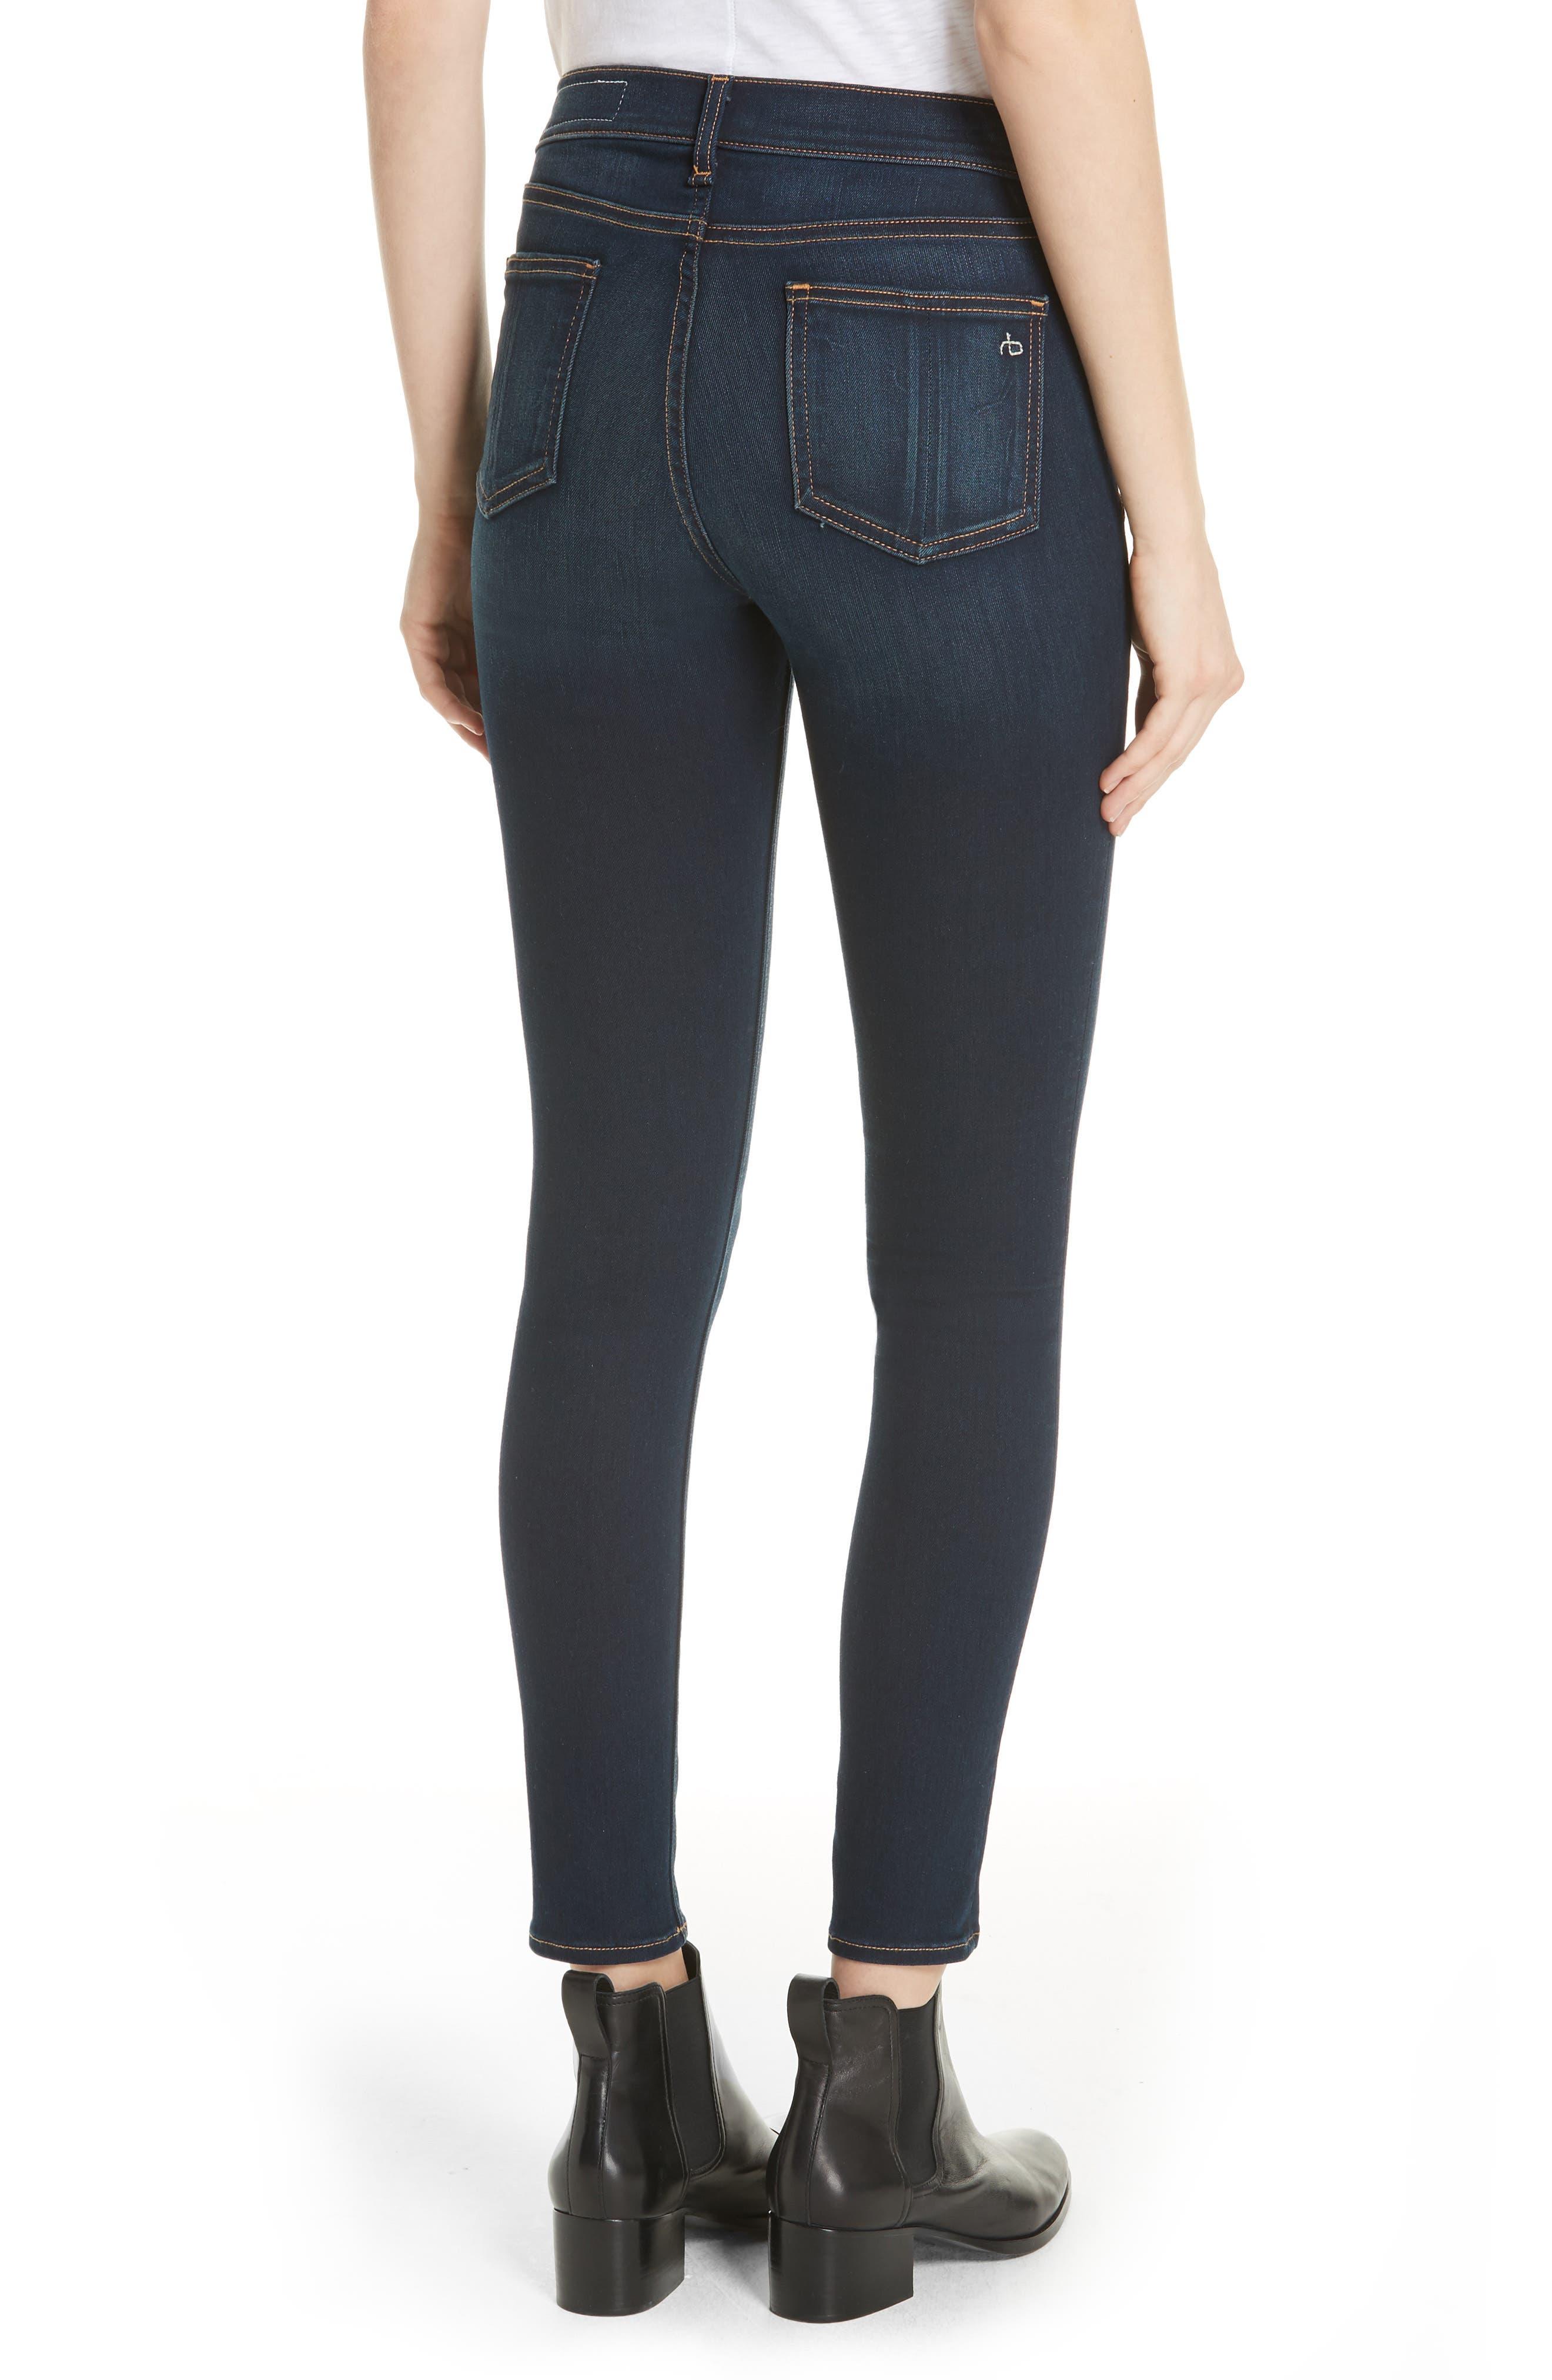 RAG & BONE, High Waist Ankle Skinny Jeans, Alternate thumbnail 2, color, BEDFORD